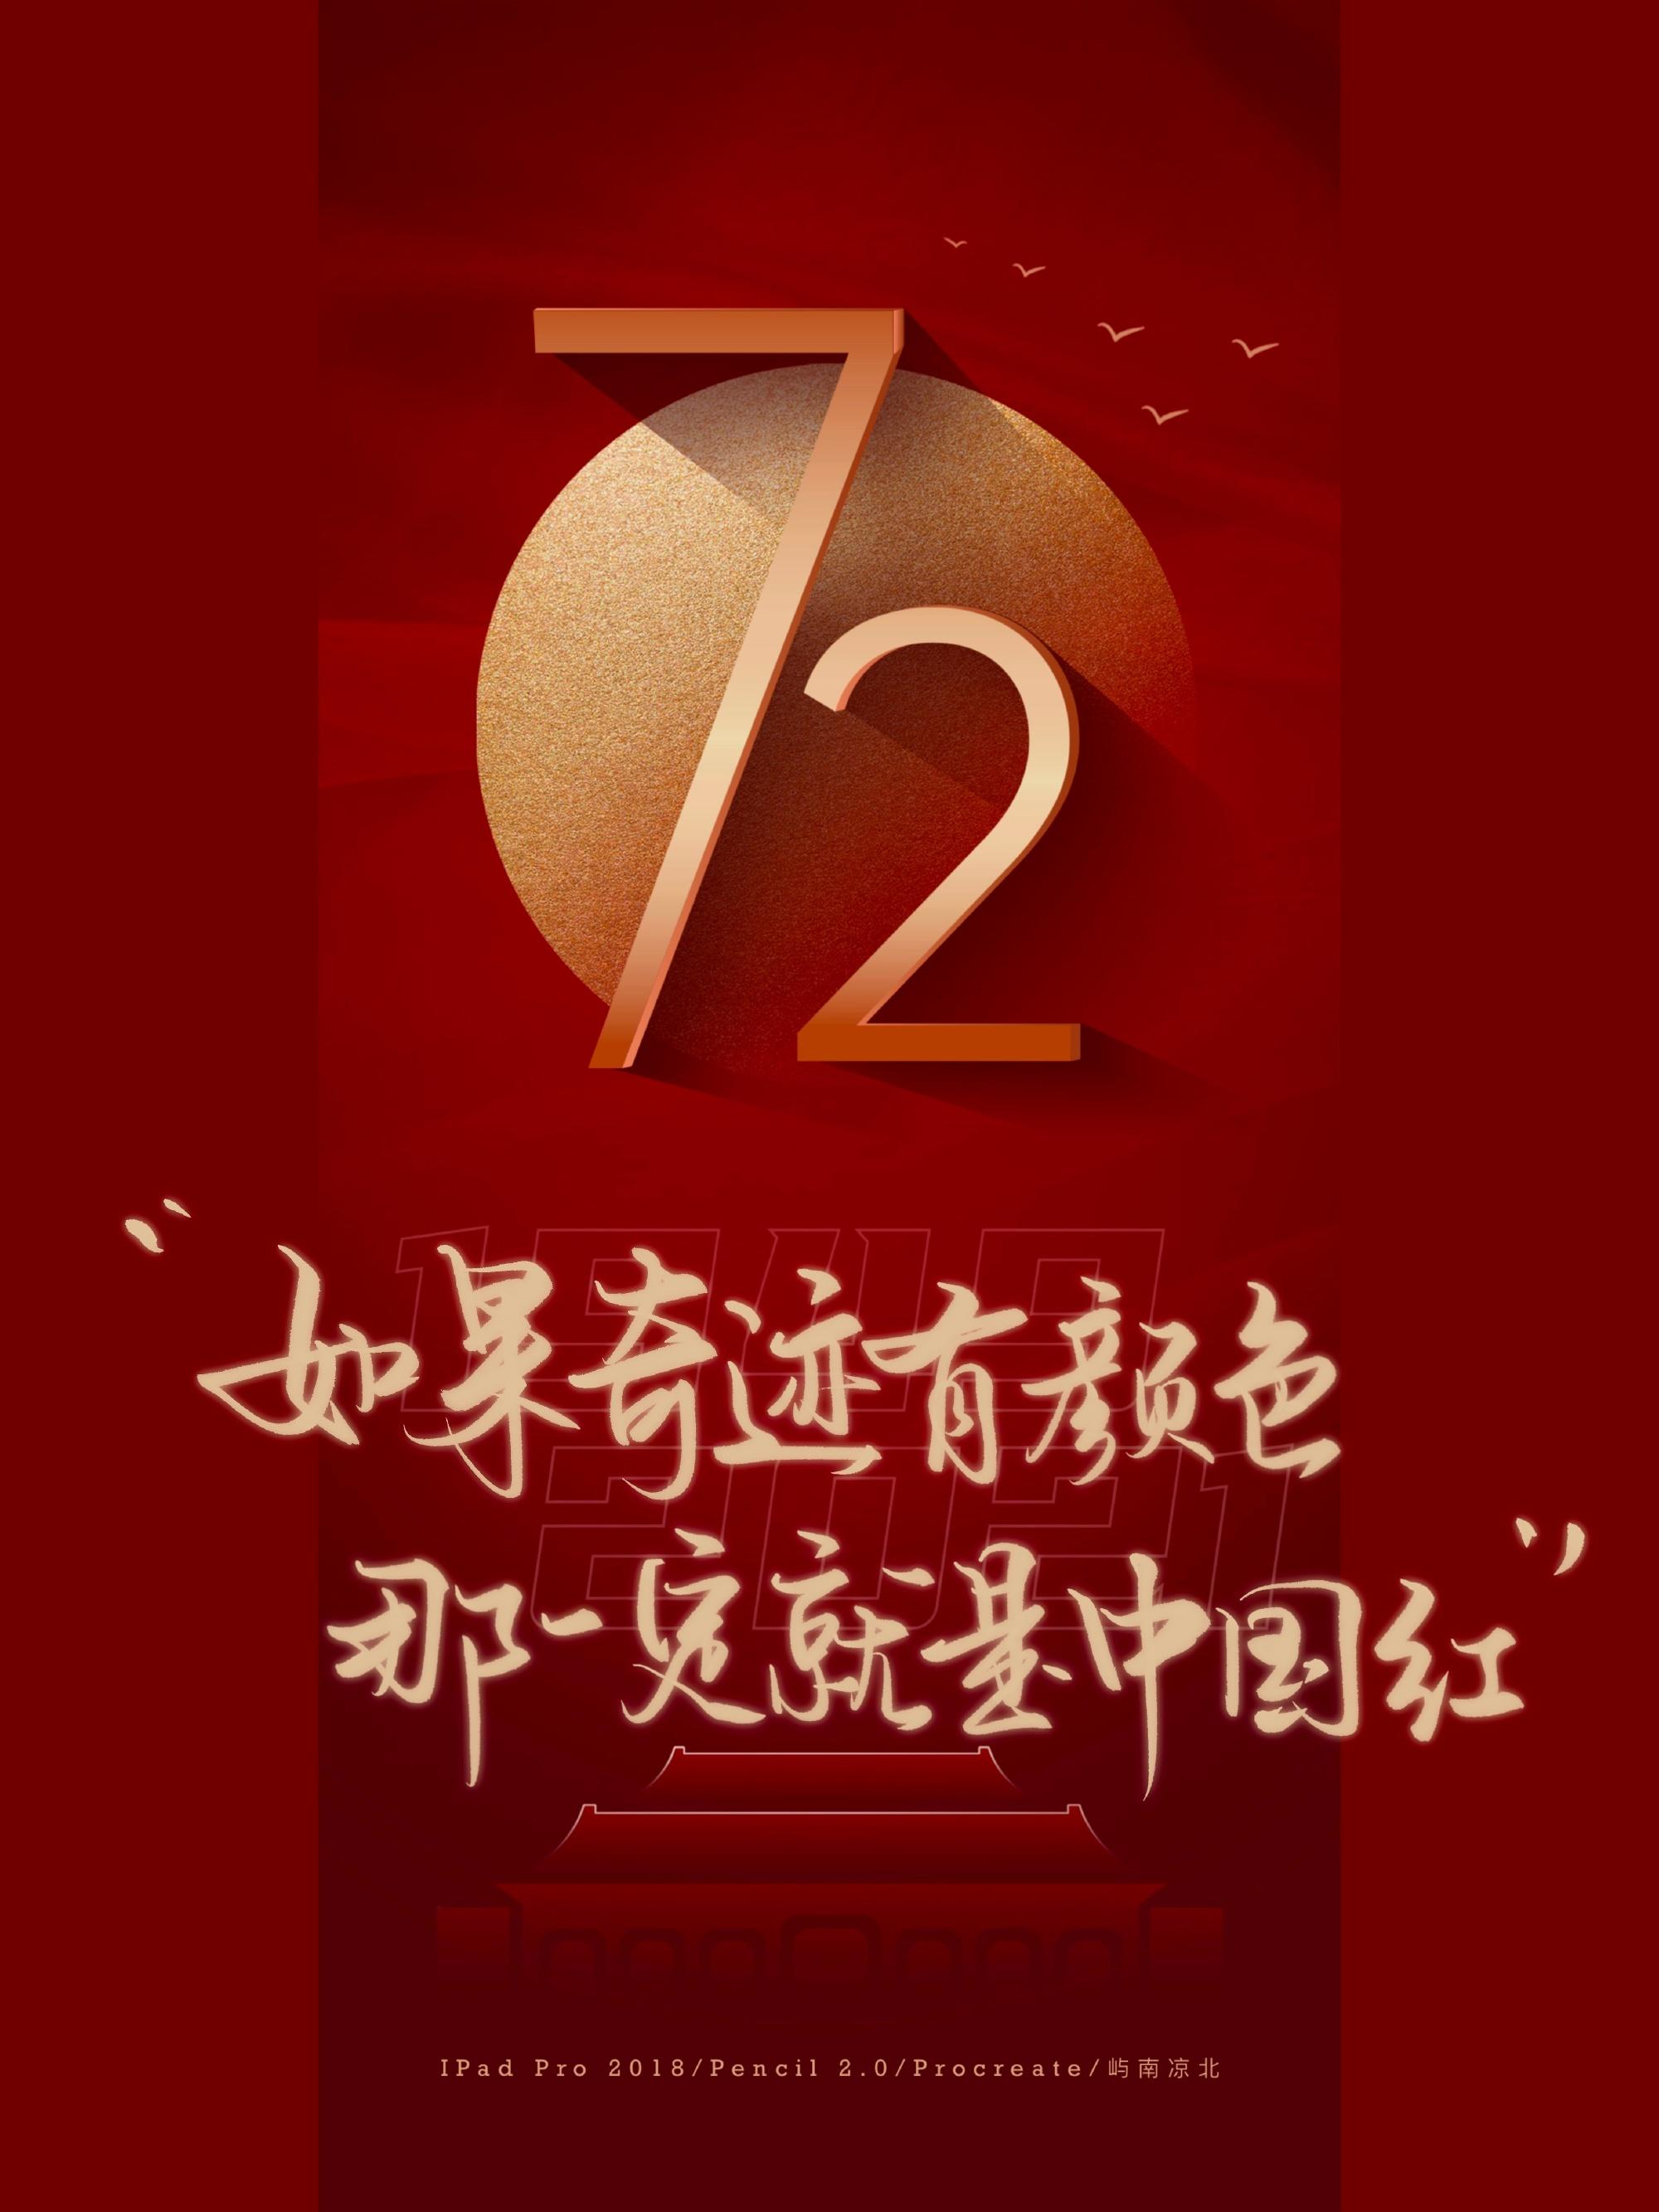 2021国庆节祝福语精选72条 适合发朋友圈的国庆节图片 liuliushe.net六六社 第13张